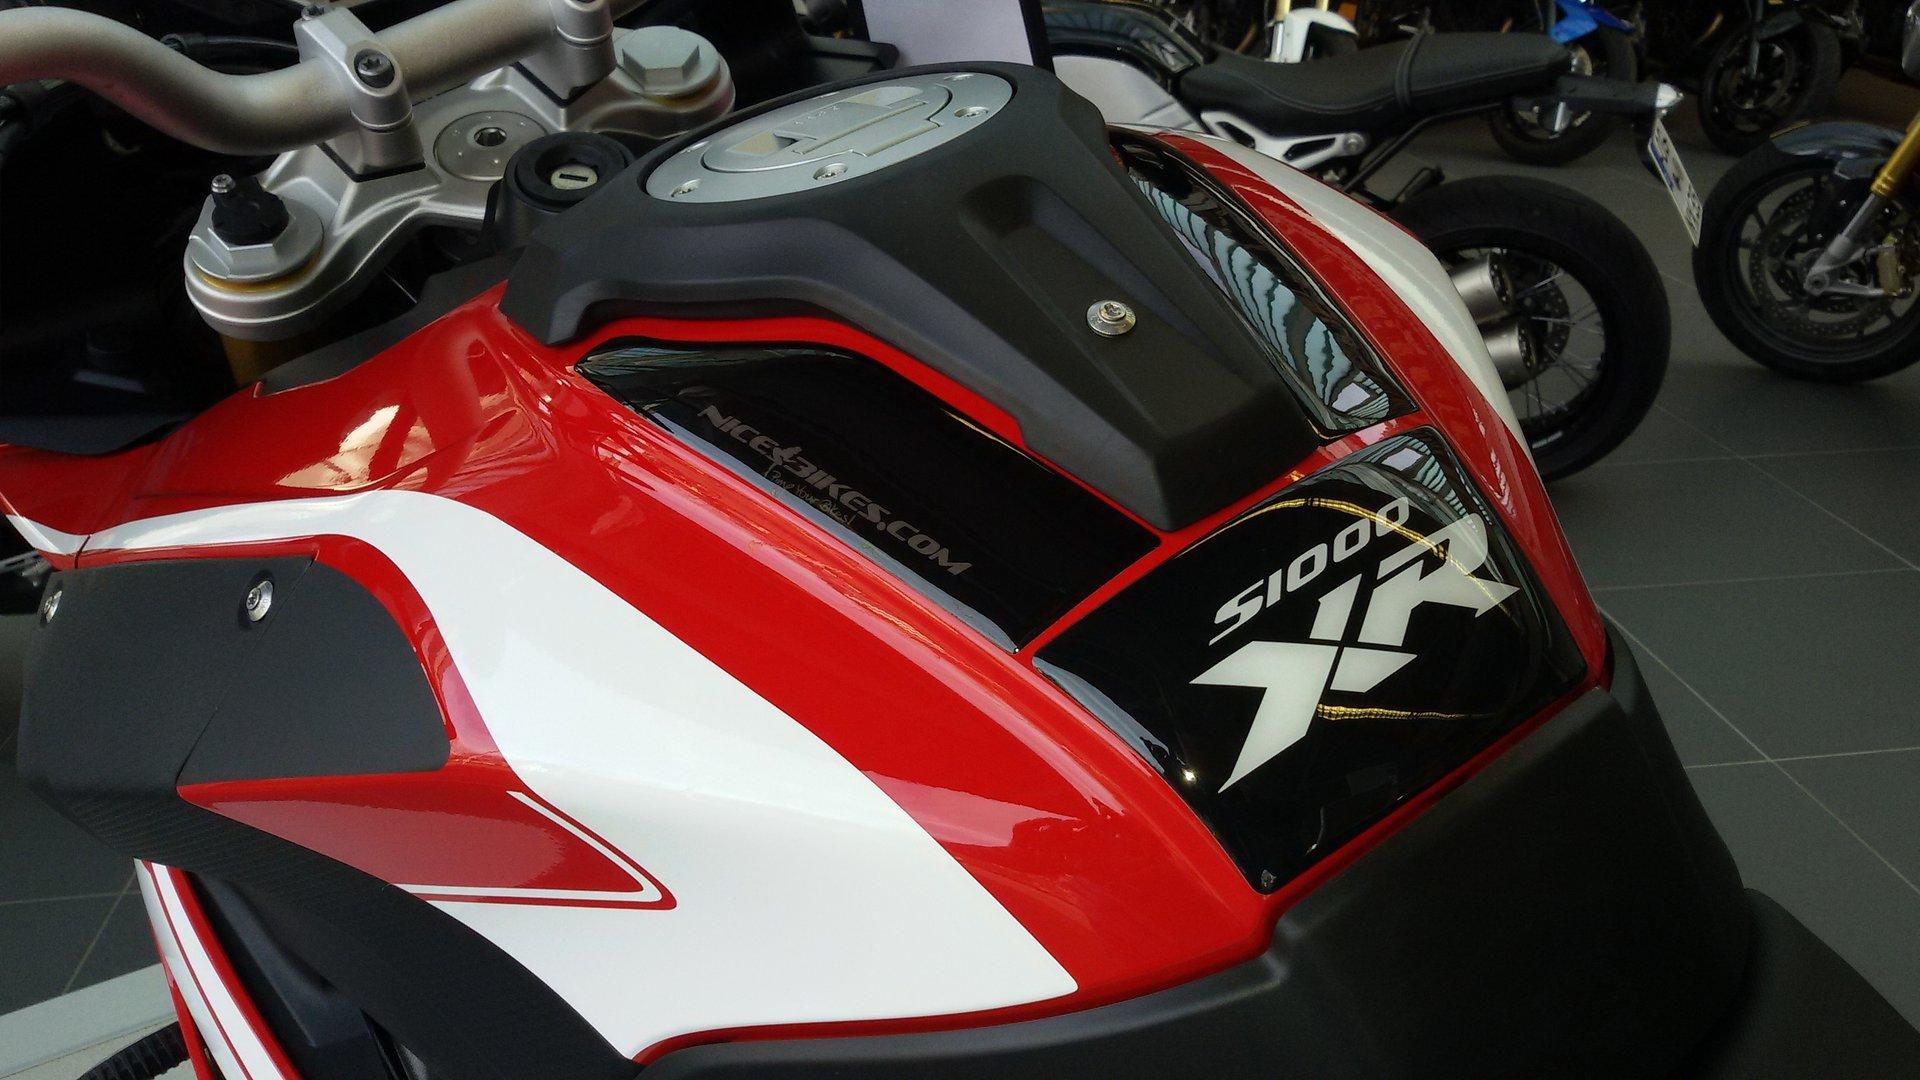 Nice Bikes Tankpad S1000XR